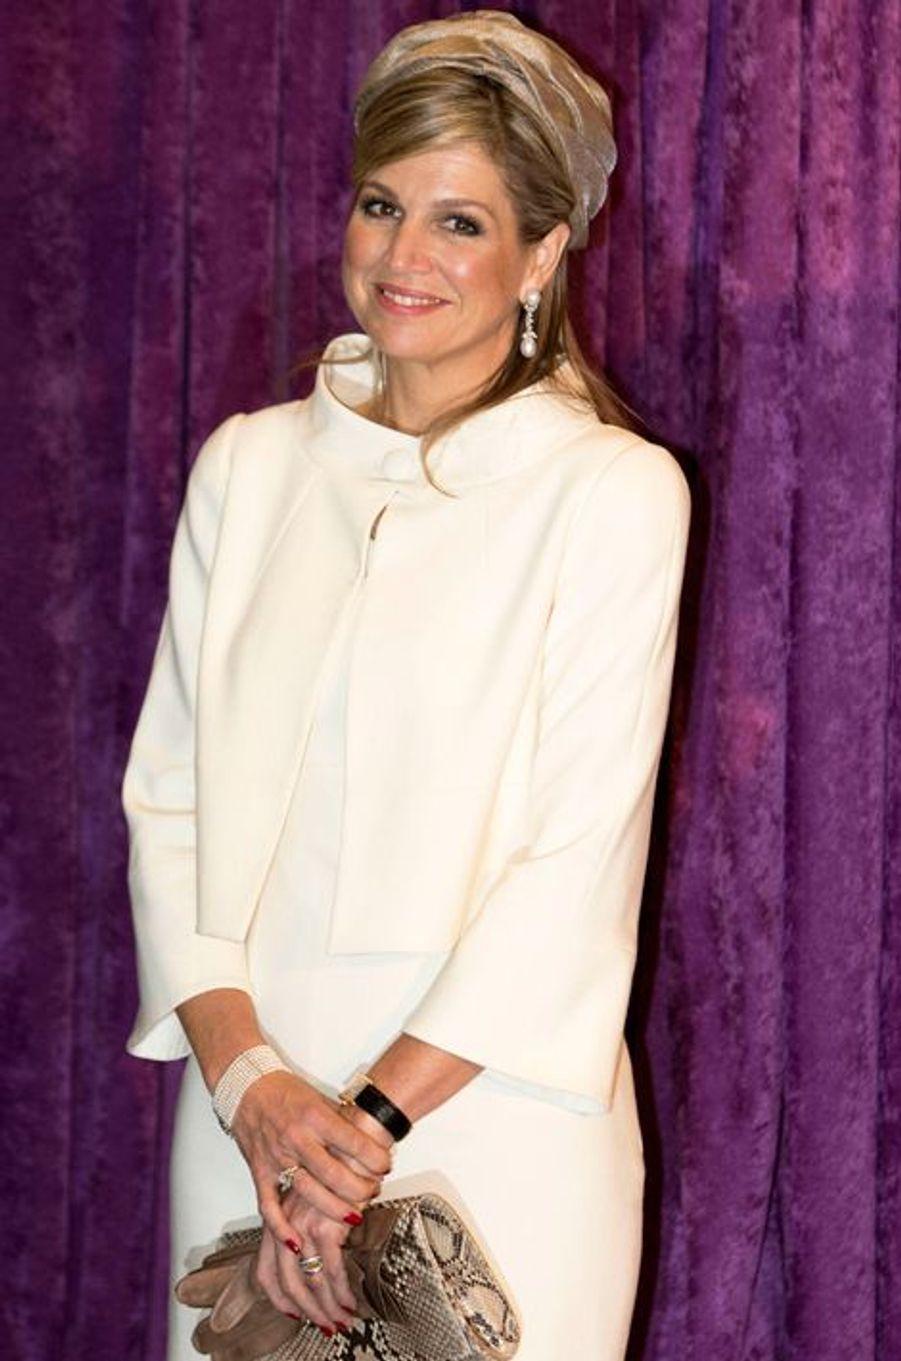 La reine Maxima des Pays-Bas à Chicago, le 3 juin 2015